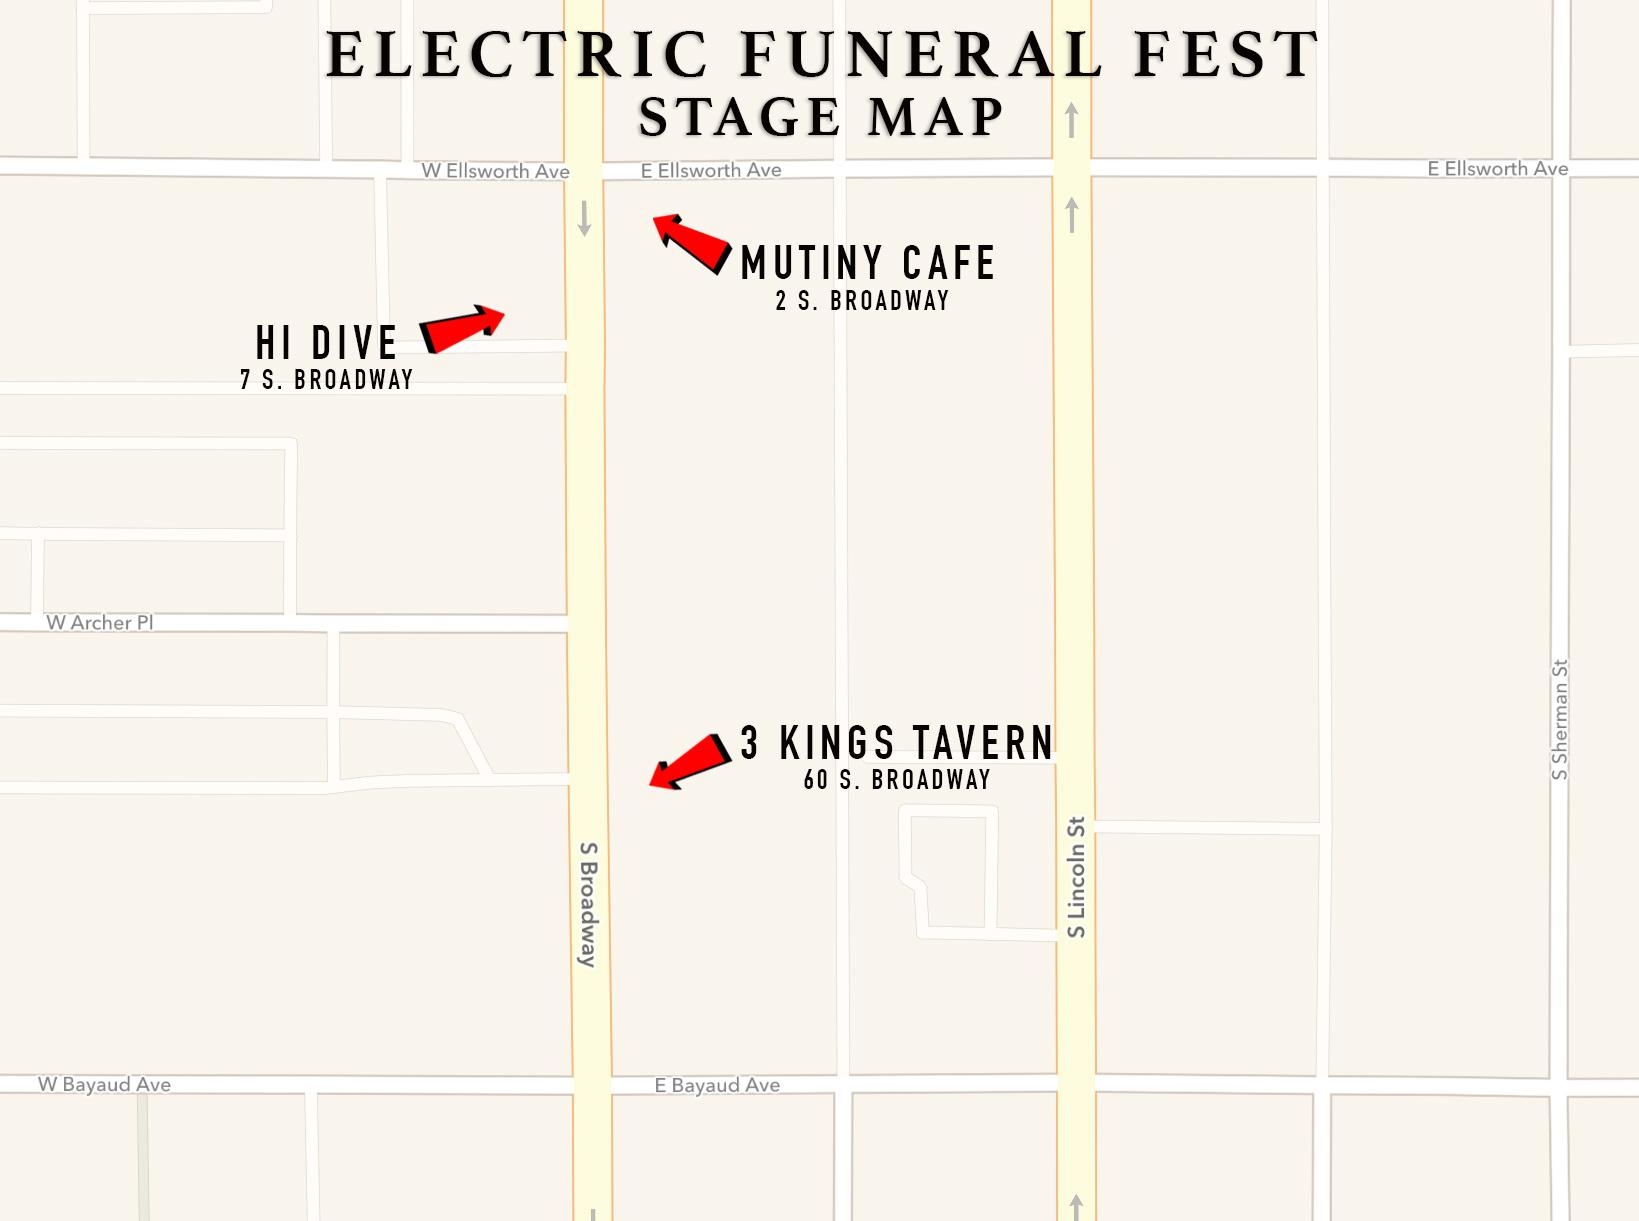 EFF_Stagemap.jpg